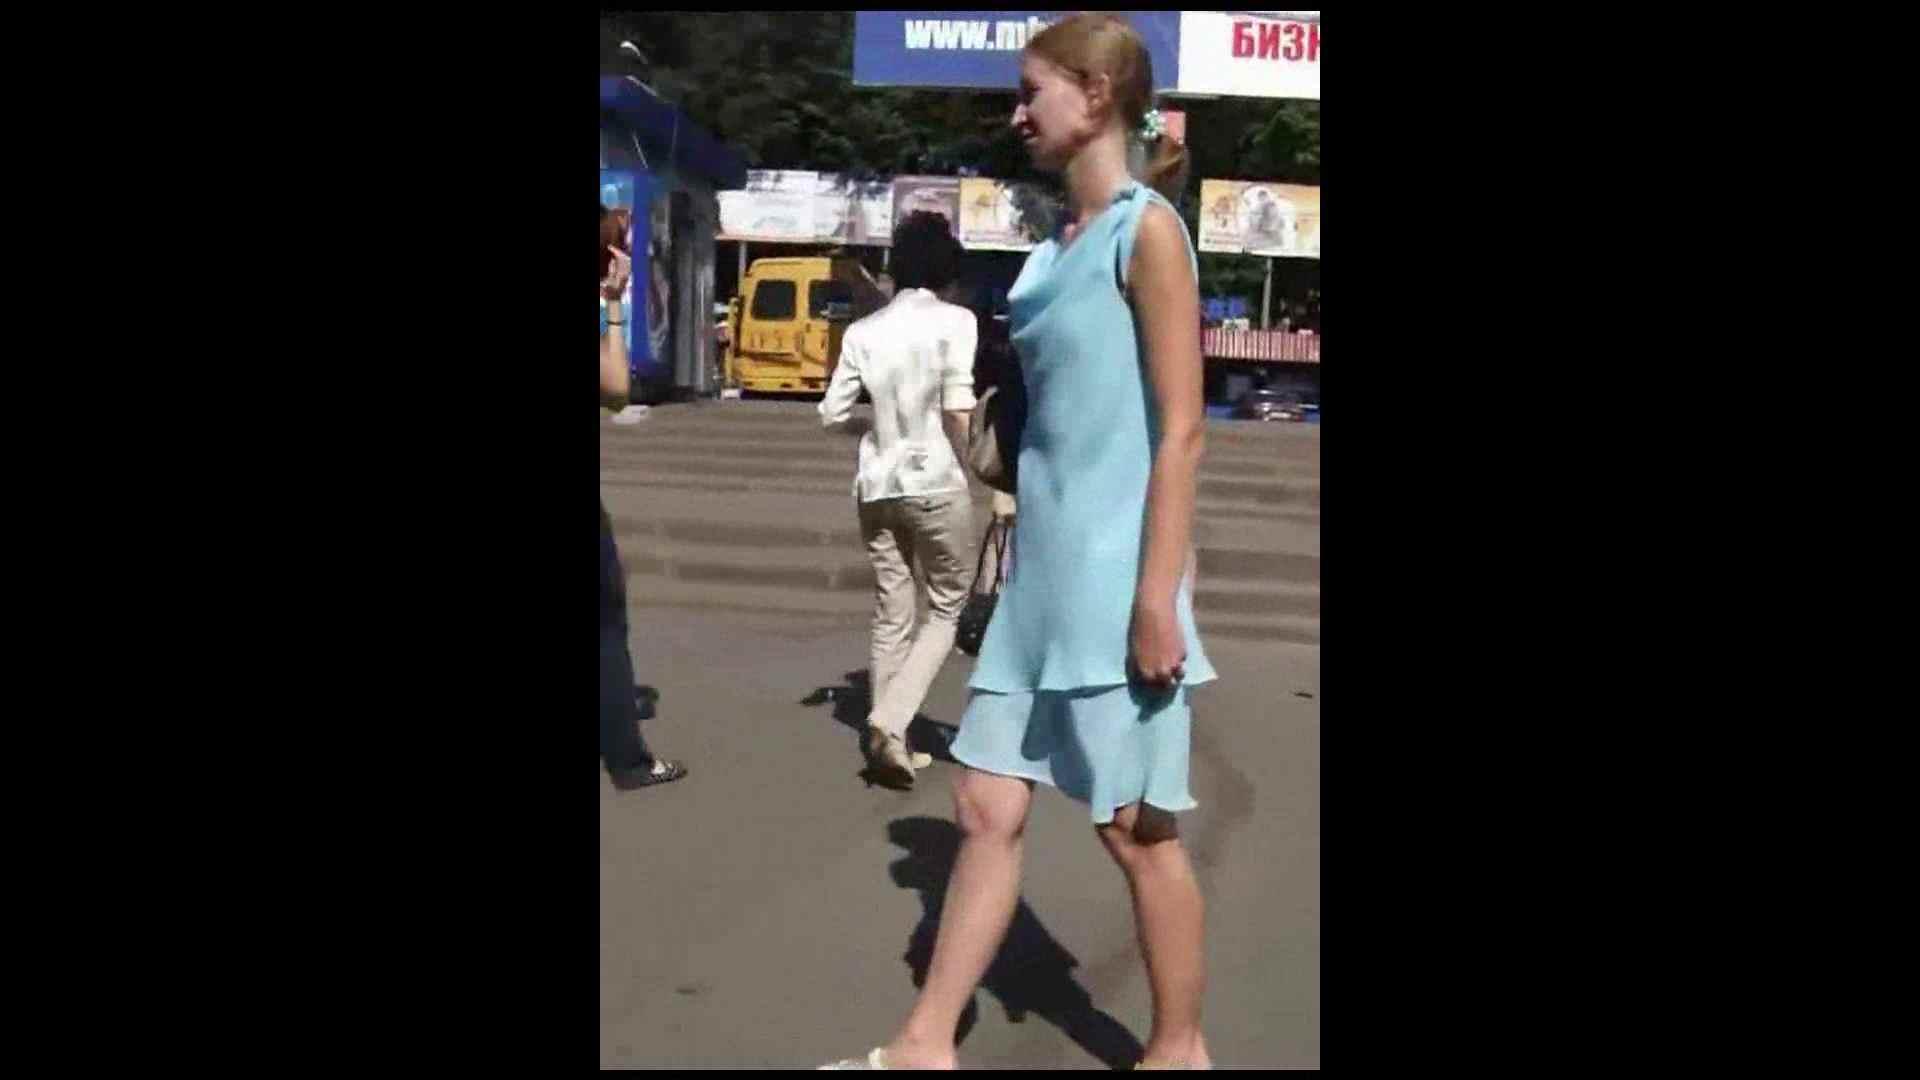 綺麗なモデルさんのスカート捲っちゃおう‼vol03 Hなお姉さん | 0  98pic 49